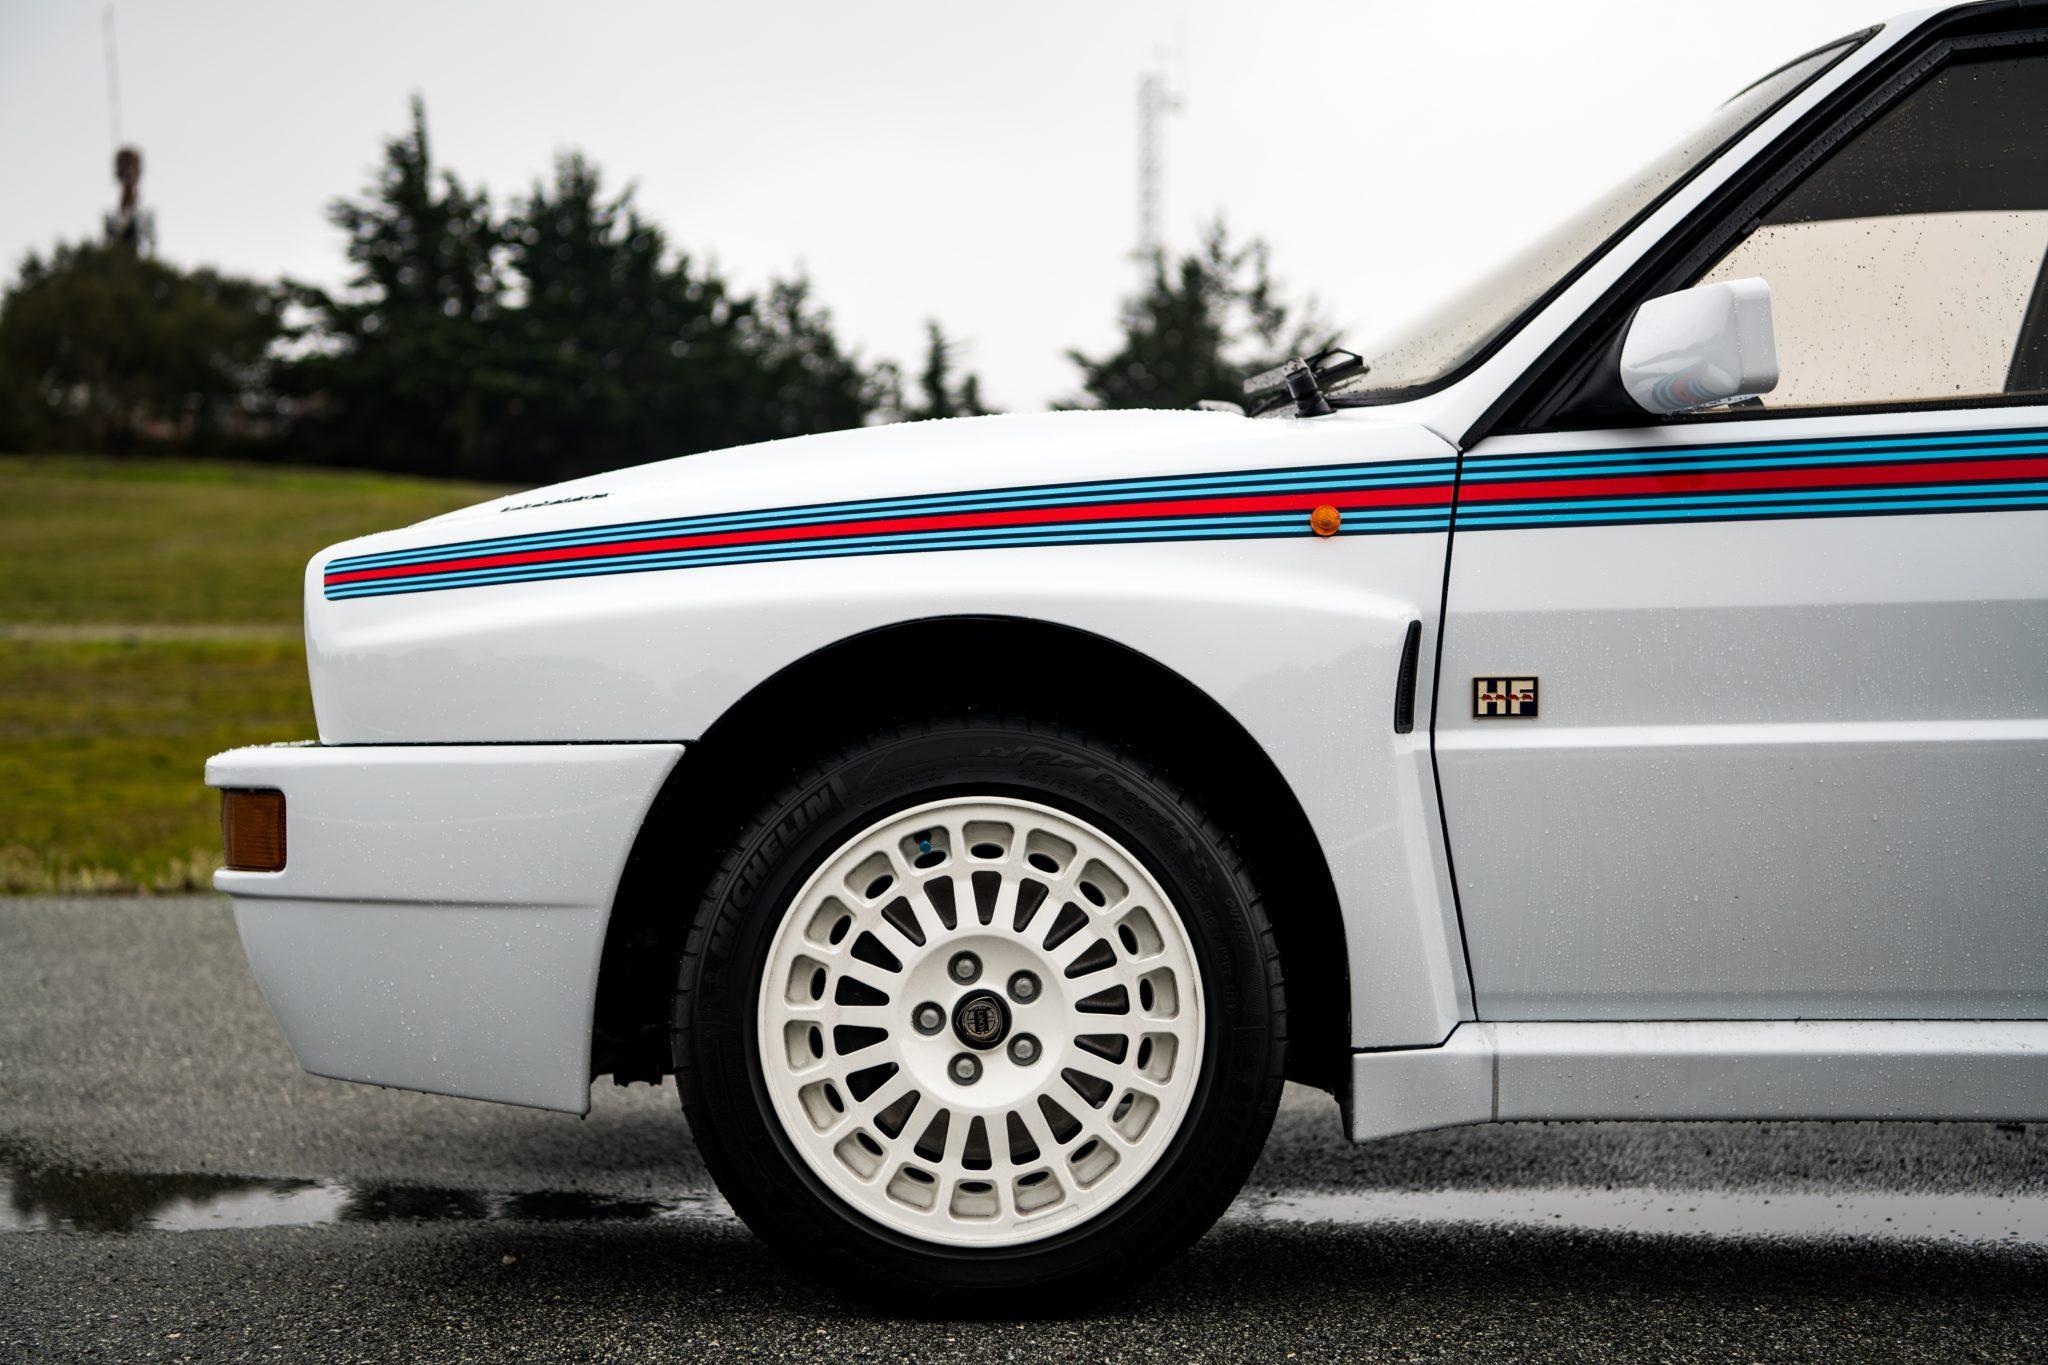 Lancia_Delta_Integrale_Martini_5_Evoluzione_sale_0009